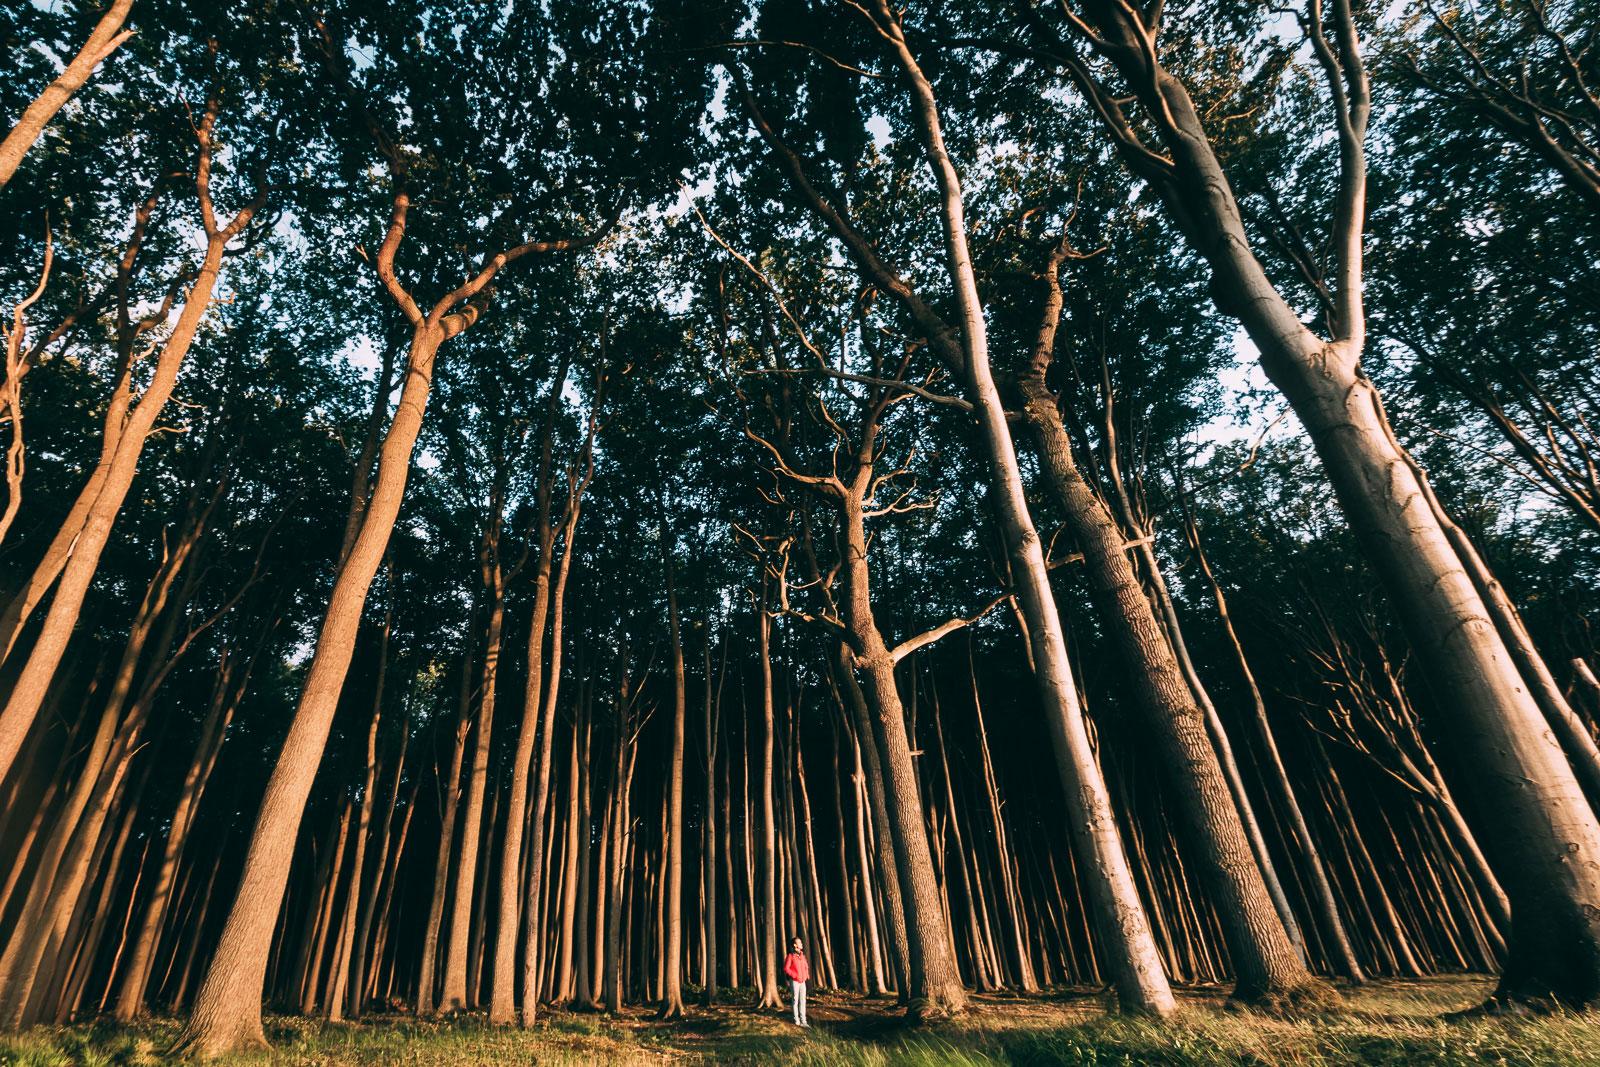 Beeindruckende Kulisse. Hier sieht man wohl am besten woher der Gespensterwald seinen Namen hat.